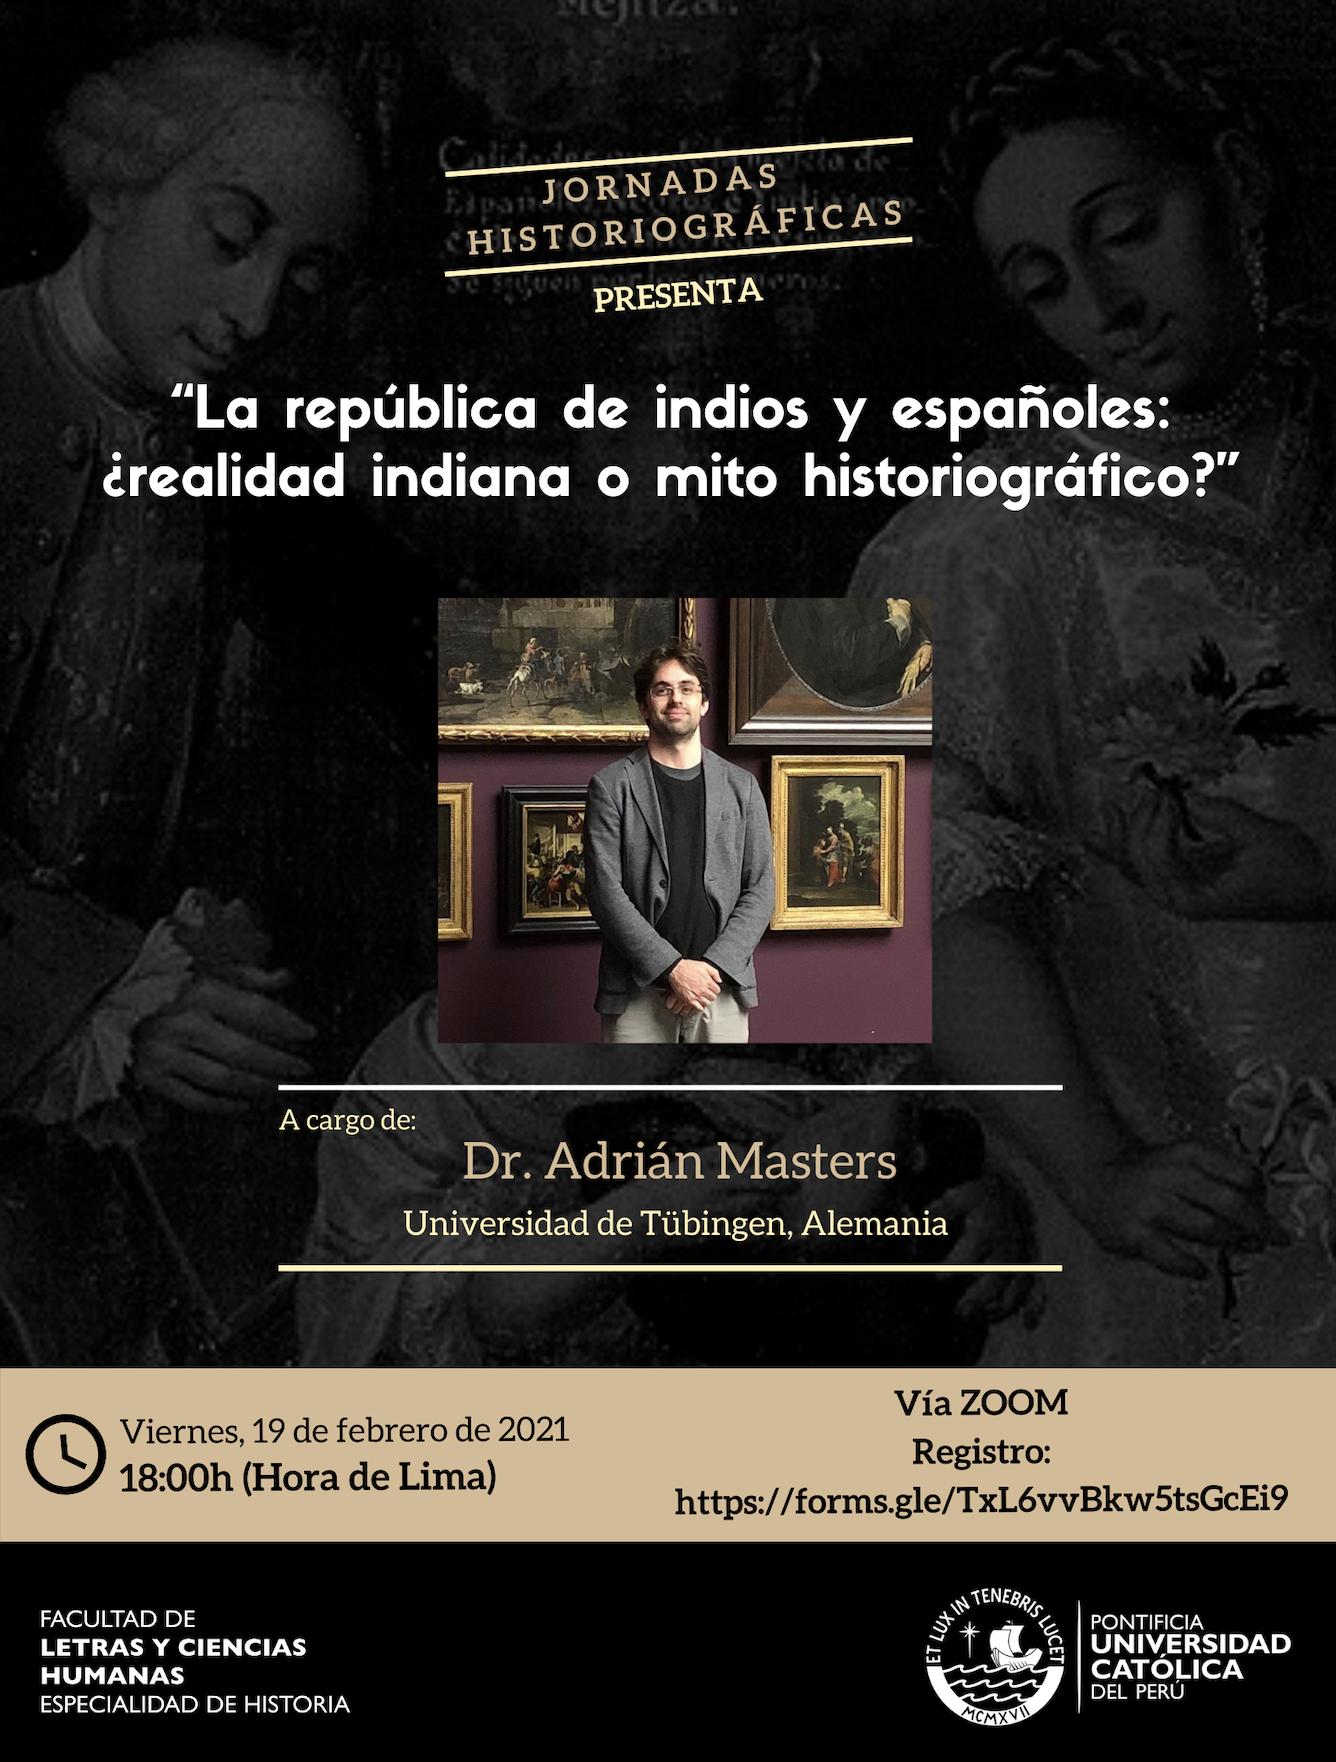 La república de indios y españoles: ¿realidad indiana o mito historiográfico?